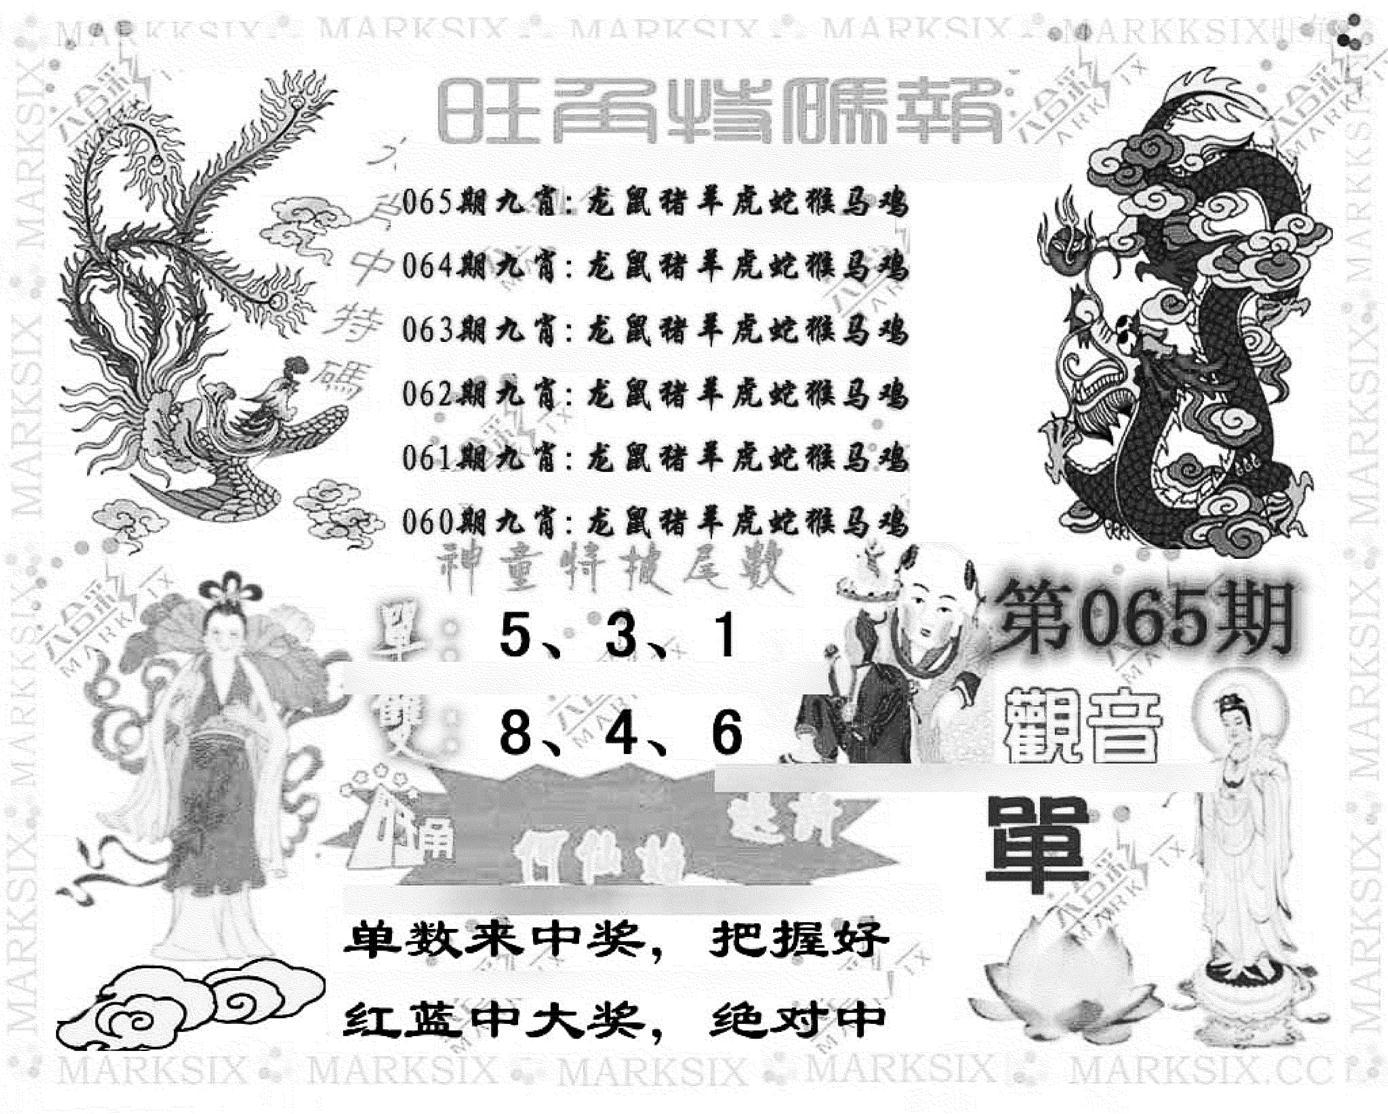 065期旺角特码报(彩)(黑白)